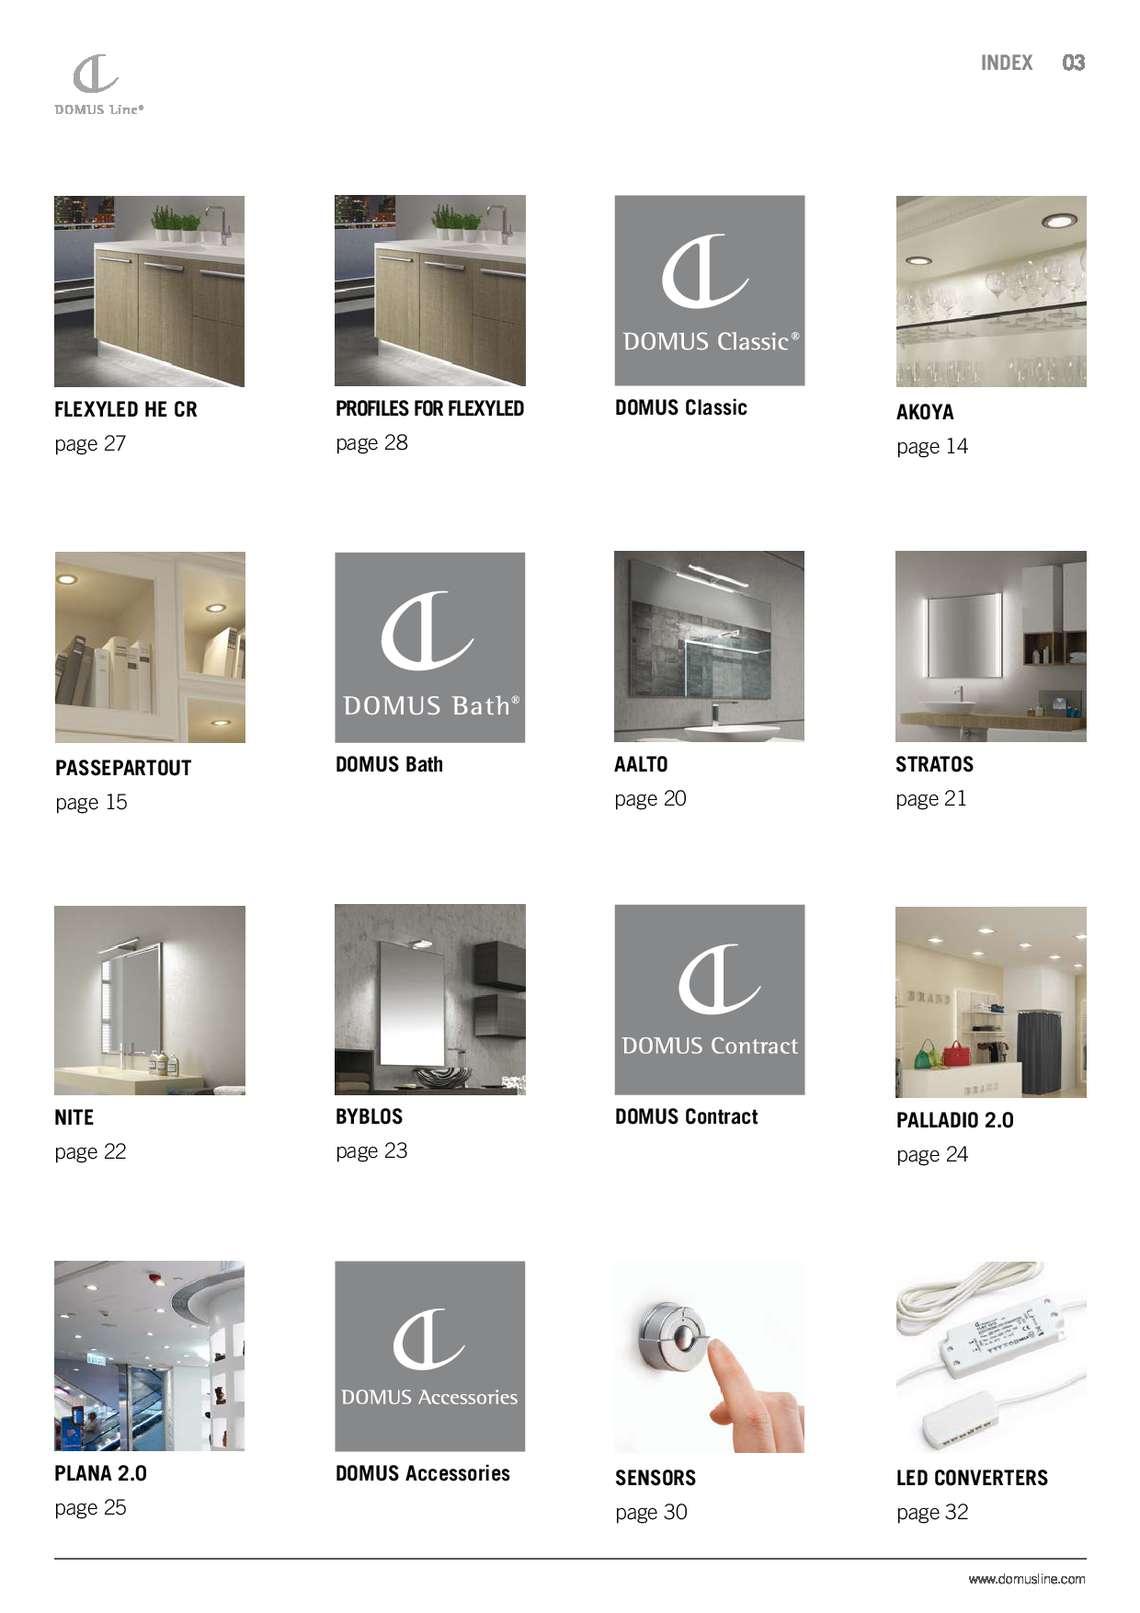 domus-line-top-seller_27_004.jpg